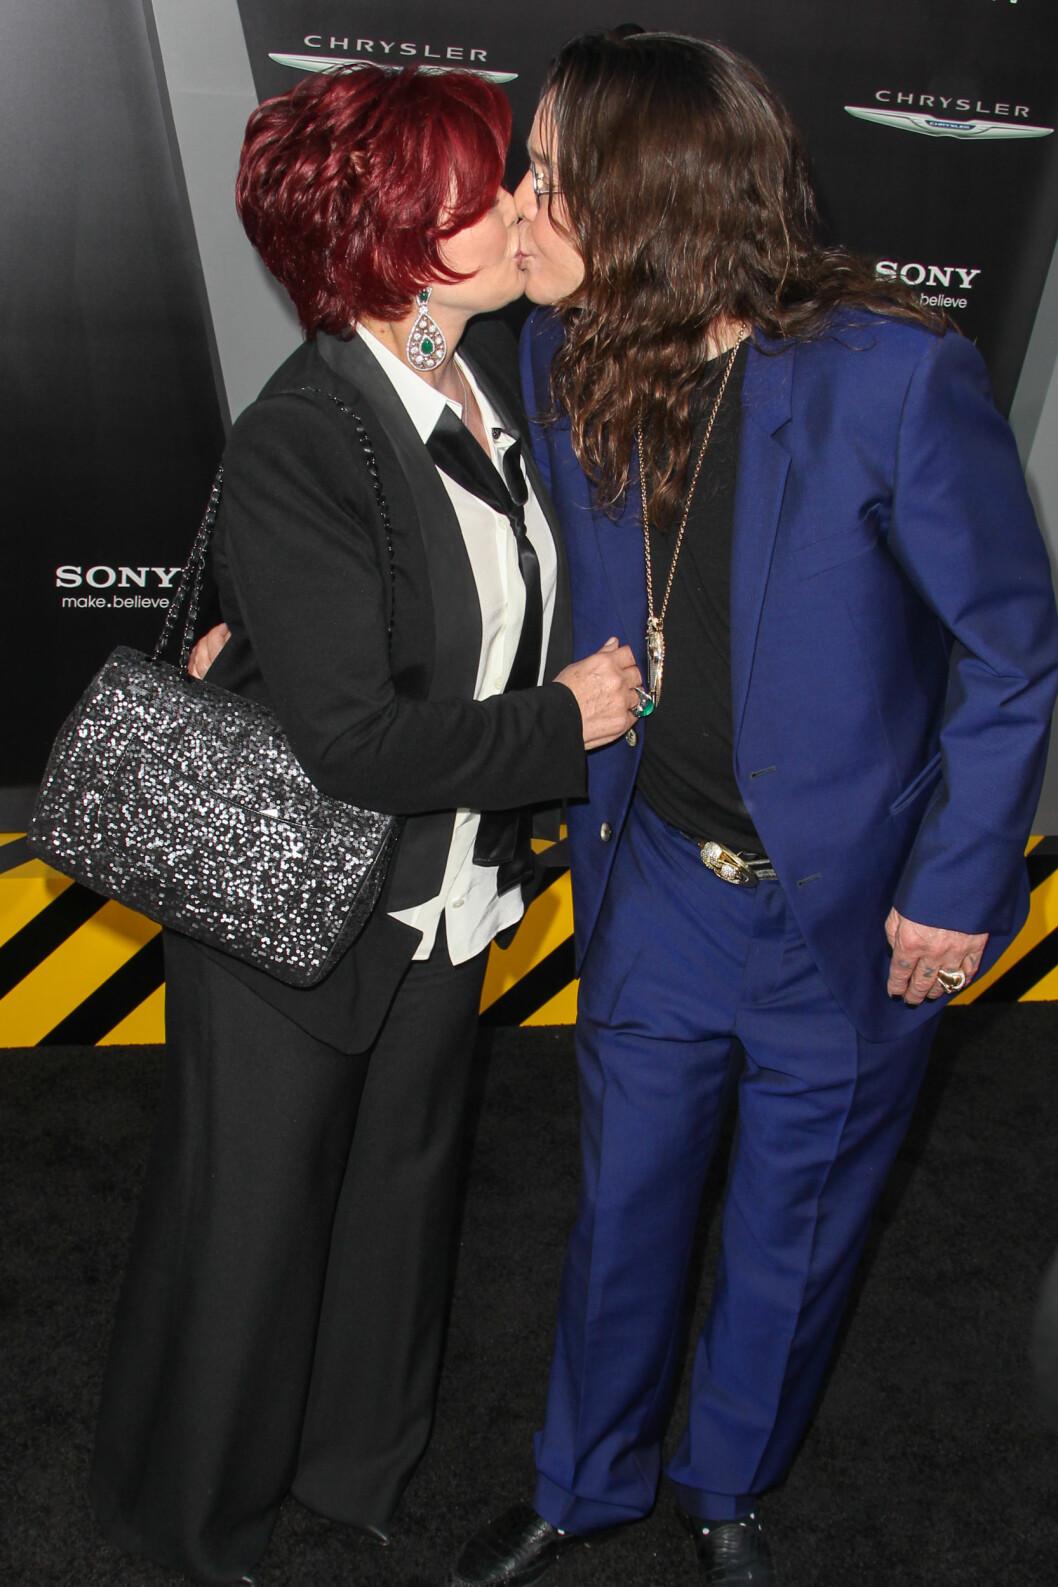 <strong>FORTSATT GIFT:</strong> Sharon og Ozzy Osbourne har klart seg igjennom utroskap, sykdom og rusproblemer. På «Total Recall»-premieren i Hollywood i 2012 klinte det britiske stjerneparet til foran fotografene.  Foto: © Â RD / Hebert /Retna Ltd./Corbis